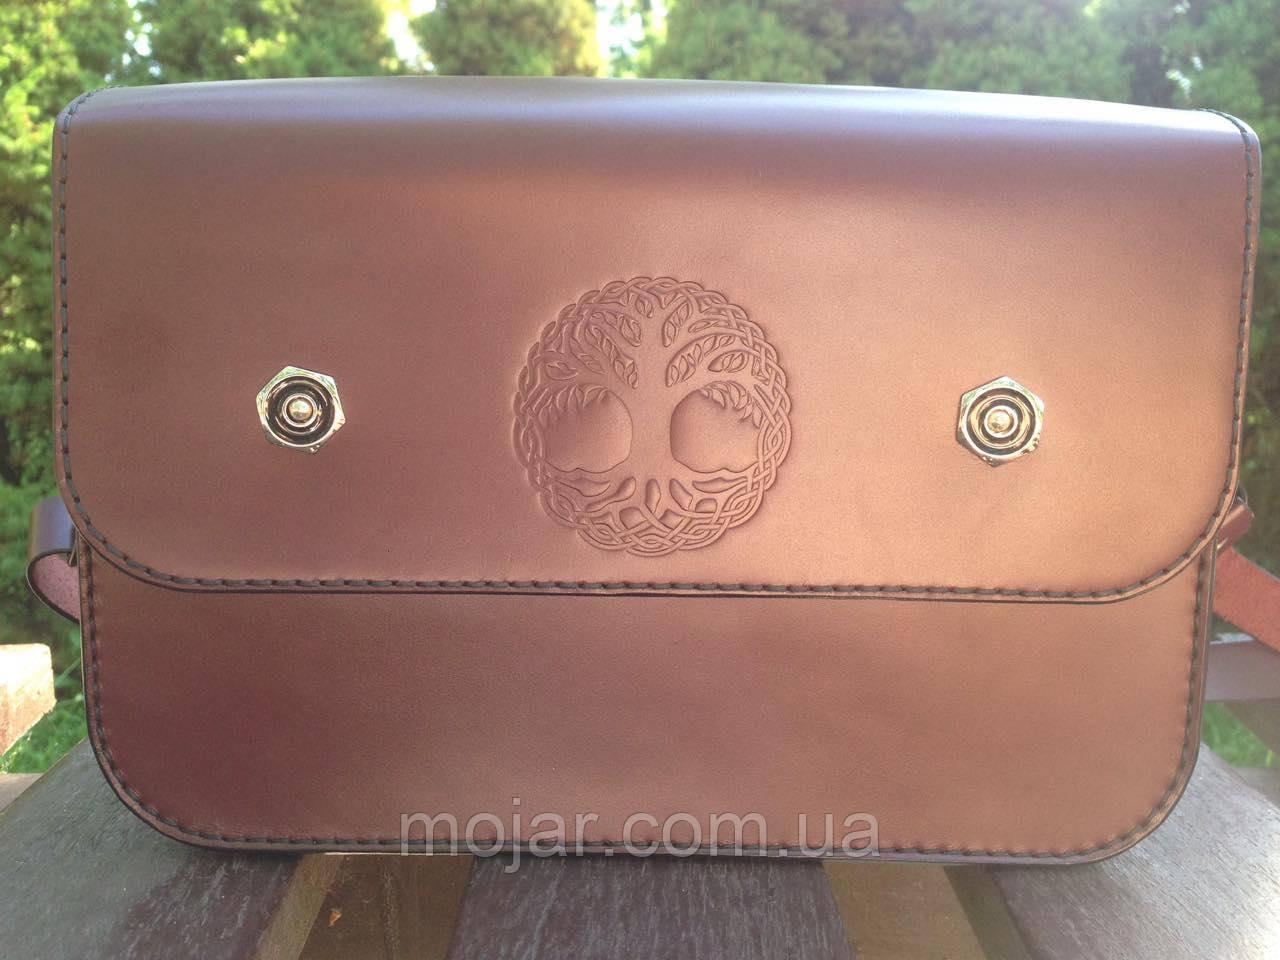 Жіноча сумочка  «Mavka» з натуральної шкіри